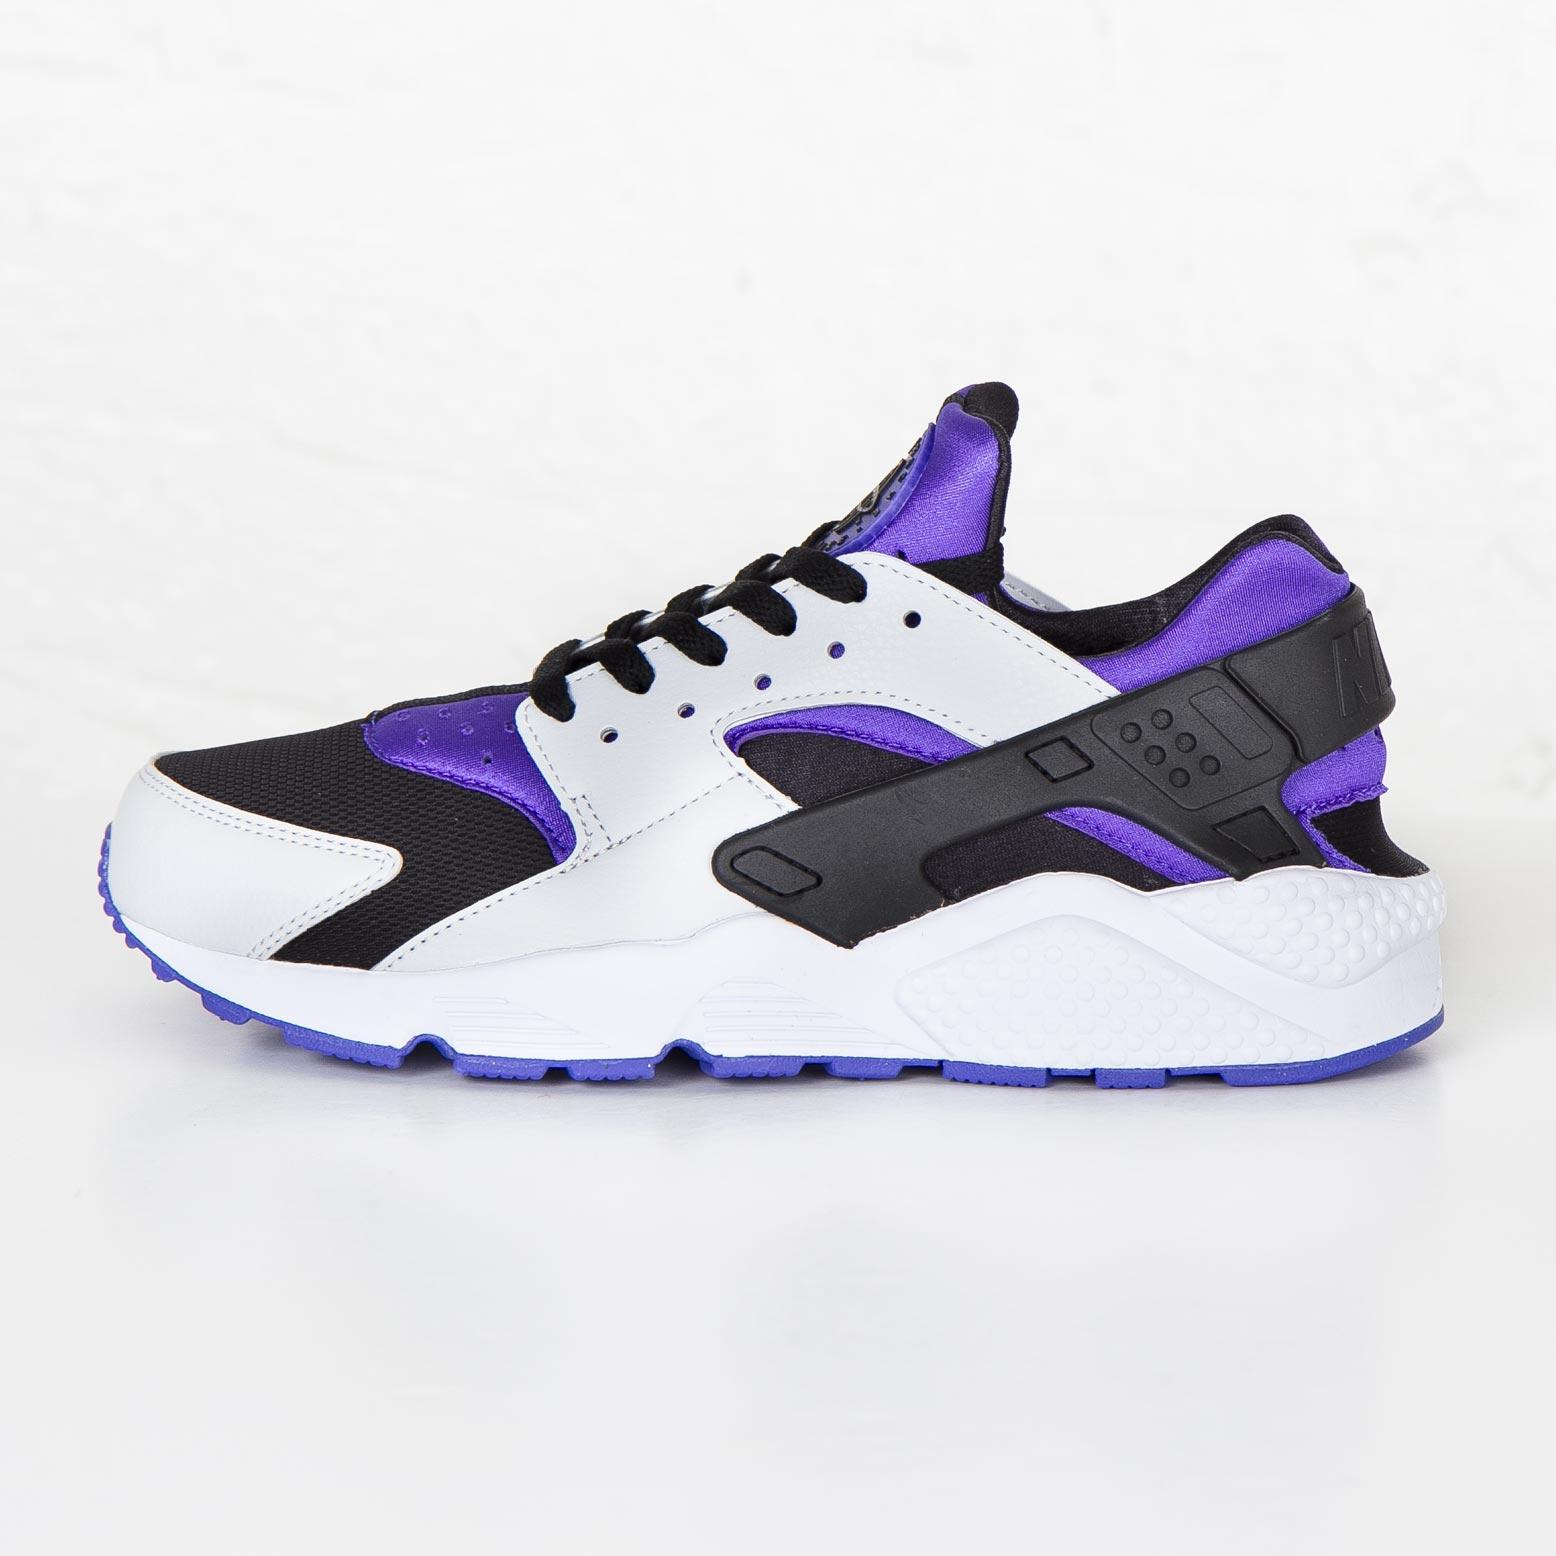 cc1afa7b6bd4 Nike Air Huarache - 318429-501 - Sneakersnstuff